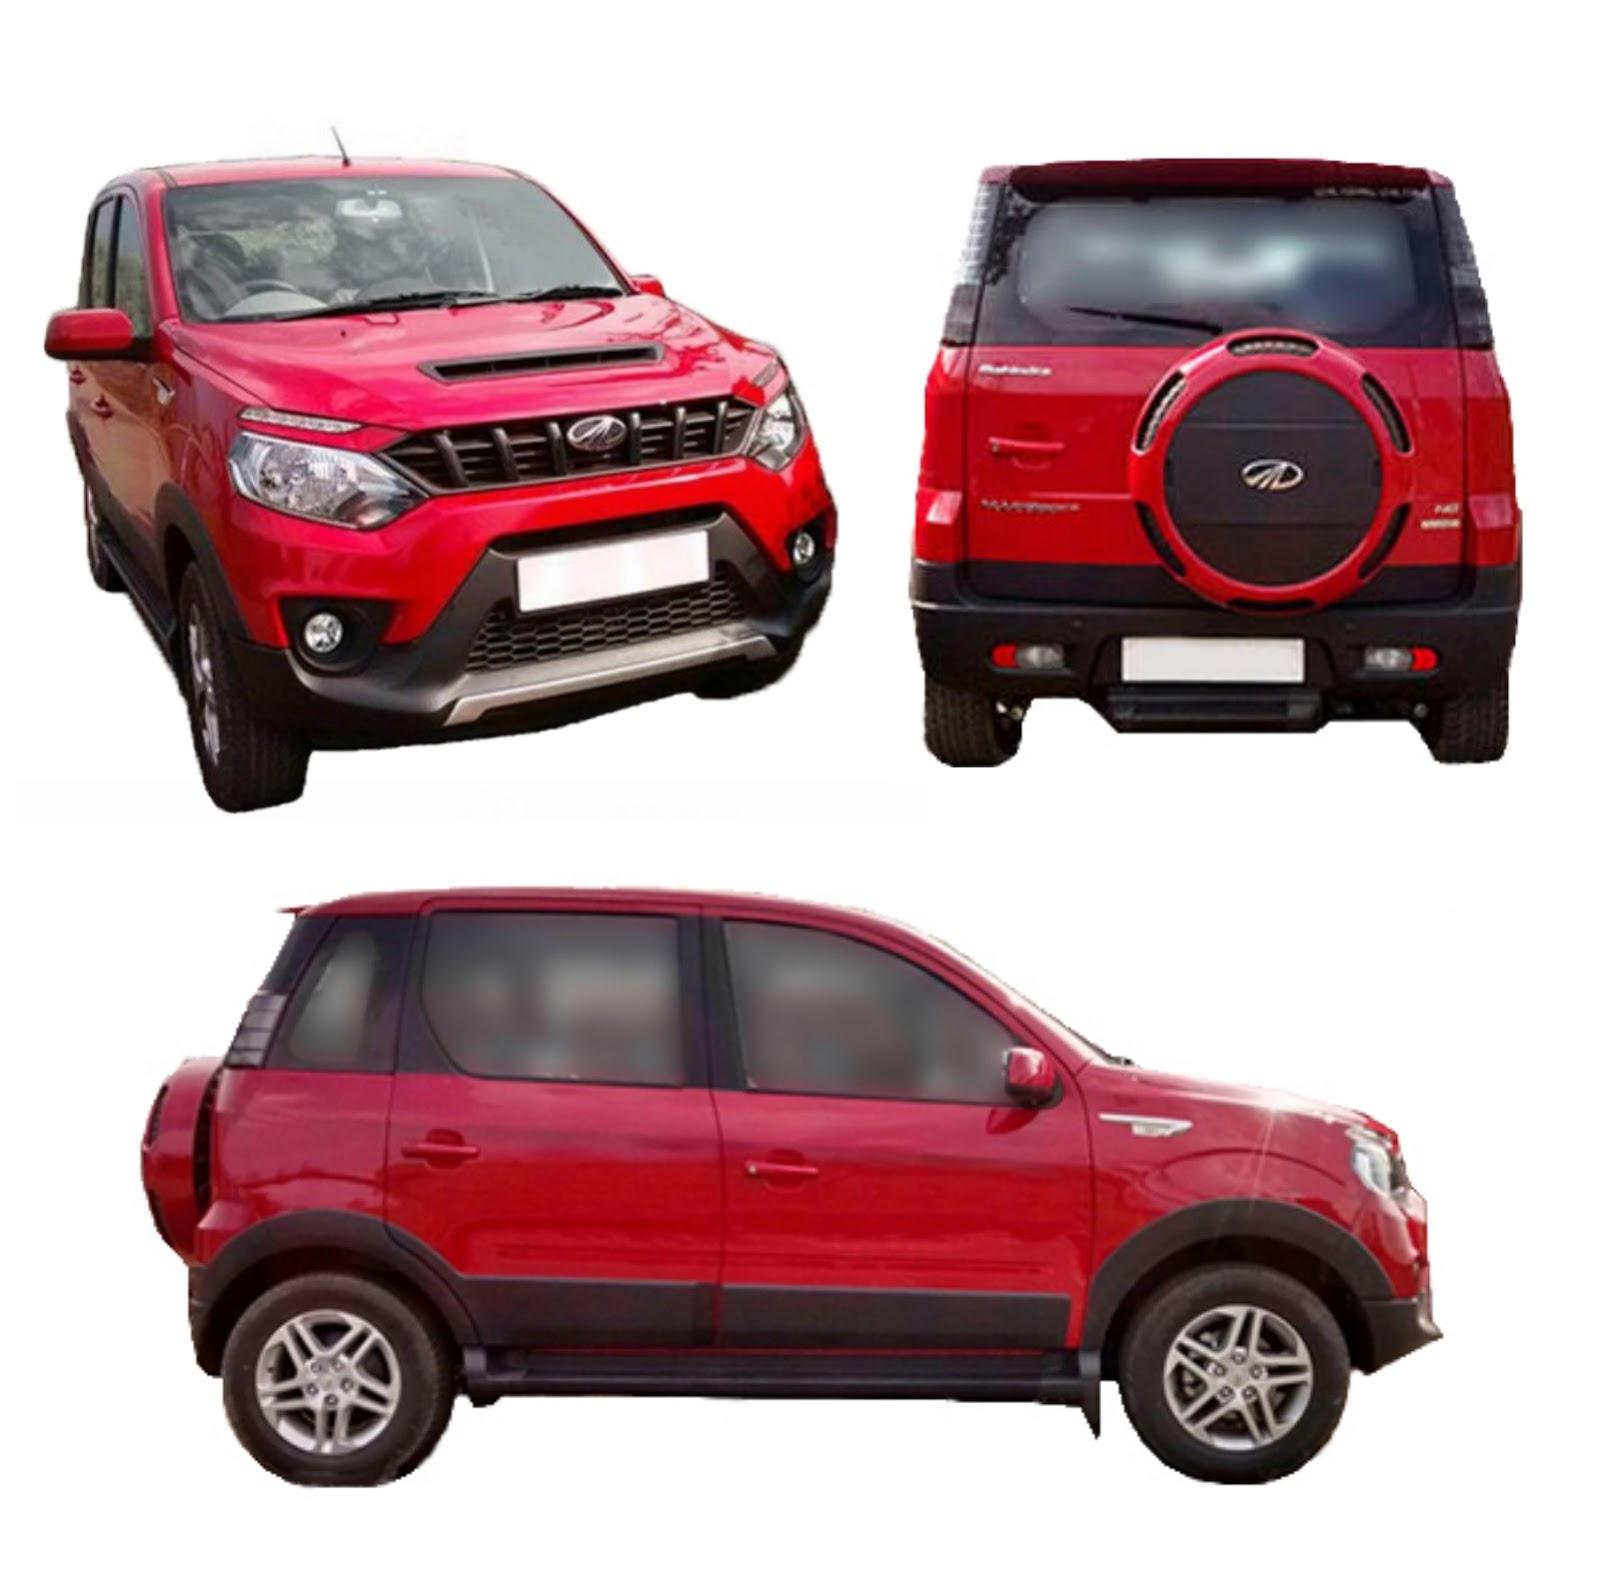 2016 Mahindra Nuvosport Mahindra Quanto Facelift